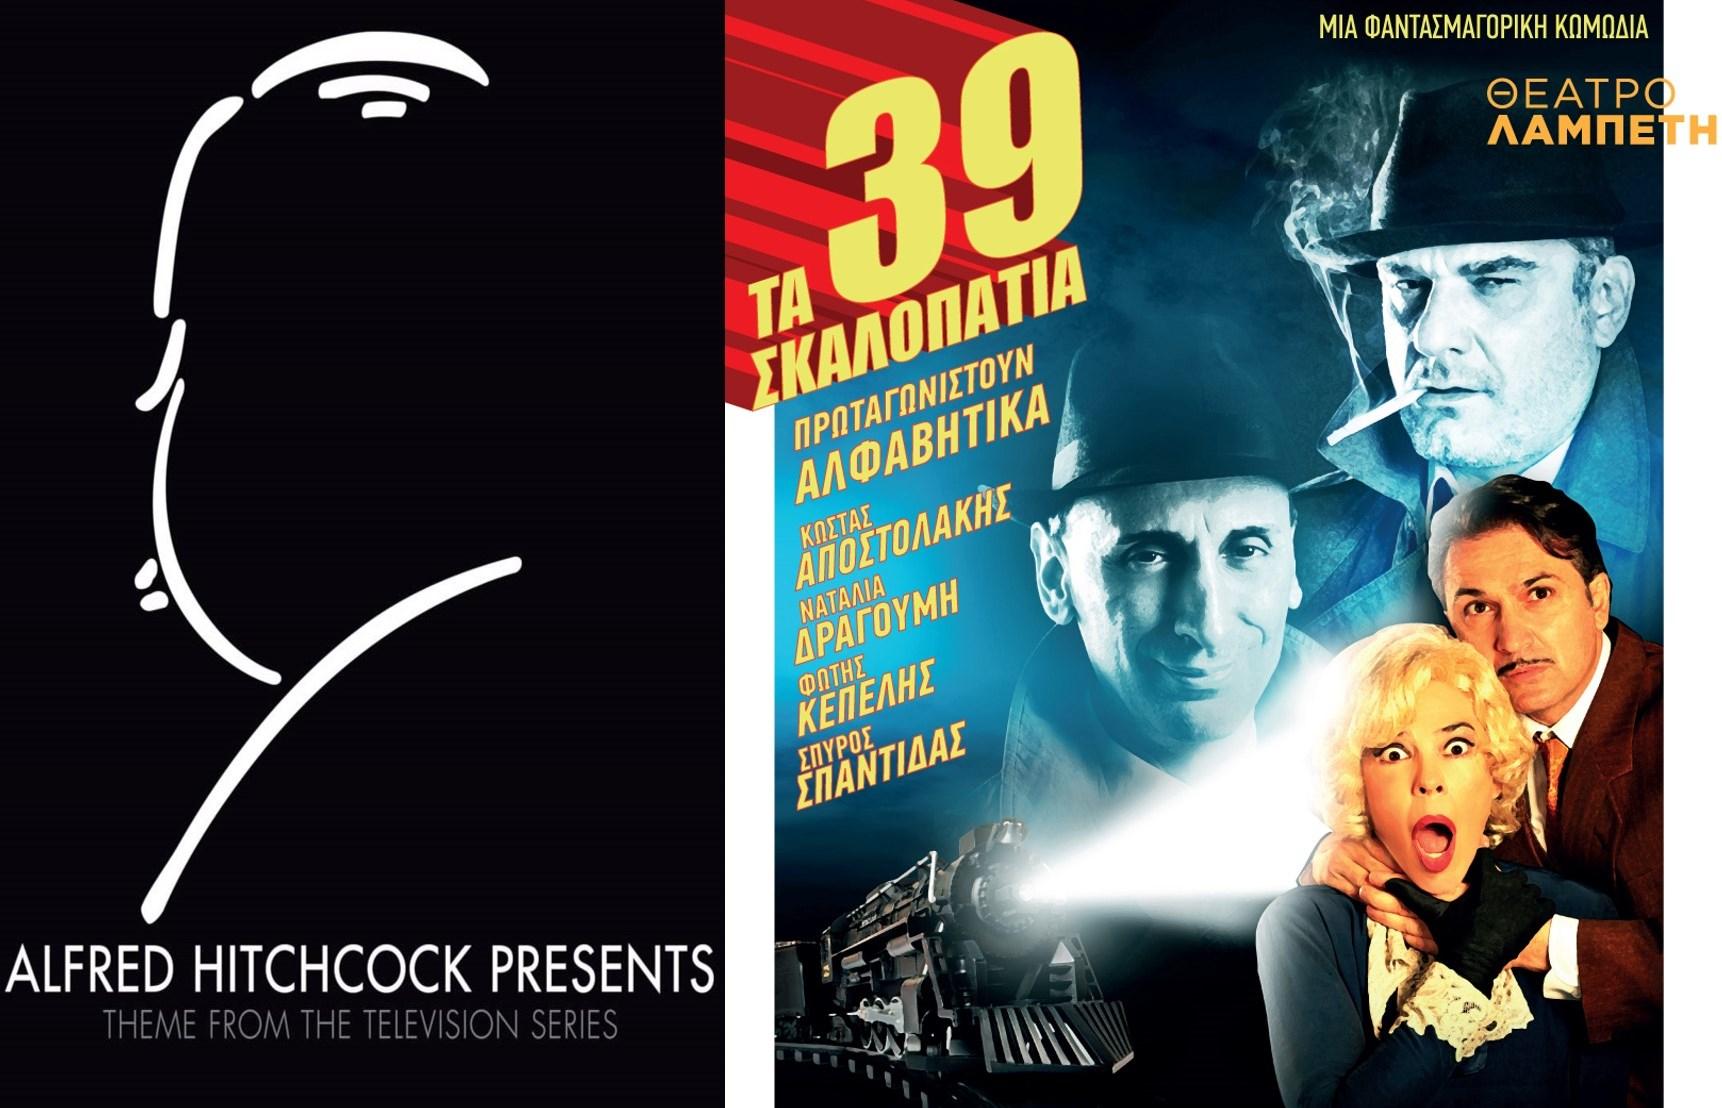 22€ από 32€ για είσοδο 2 ατόμων στα ''39 Σκαλοπάτια'', το βραβευμένο αριστούργημα του Al.Hitchcock, ένα παραλήρημα δράσης, μουσικής, ήχων & φωτισμού, στο θέατρο Λαμπέτη